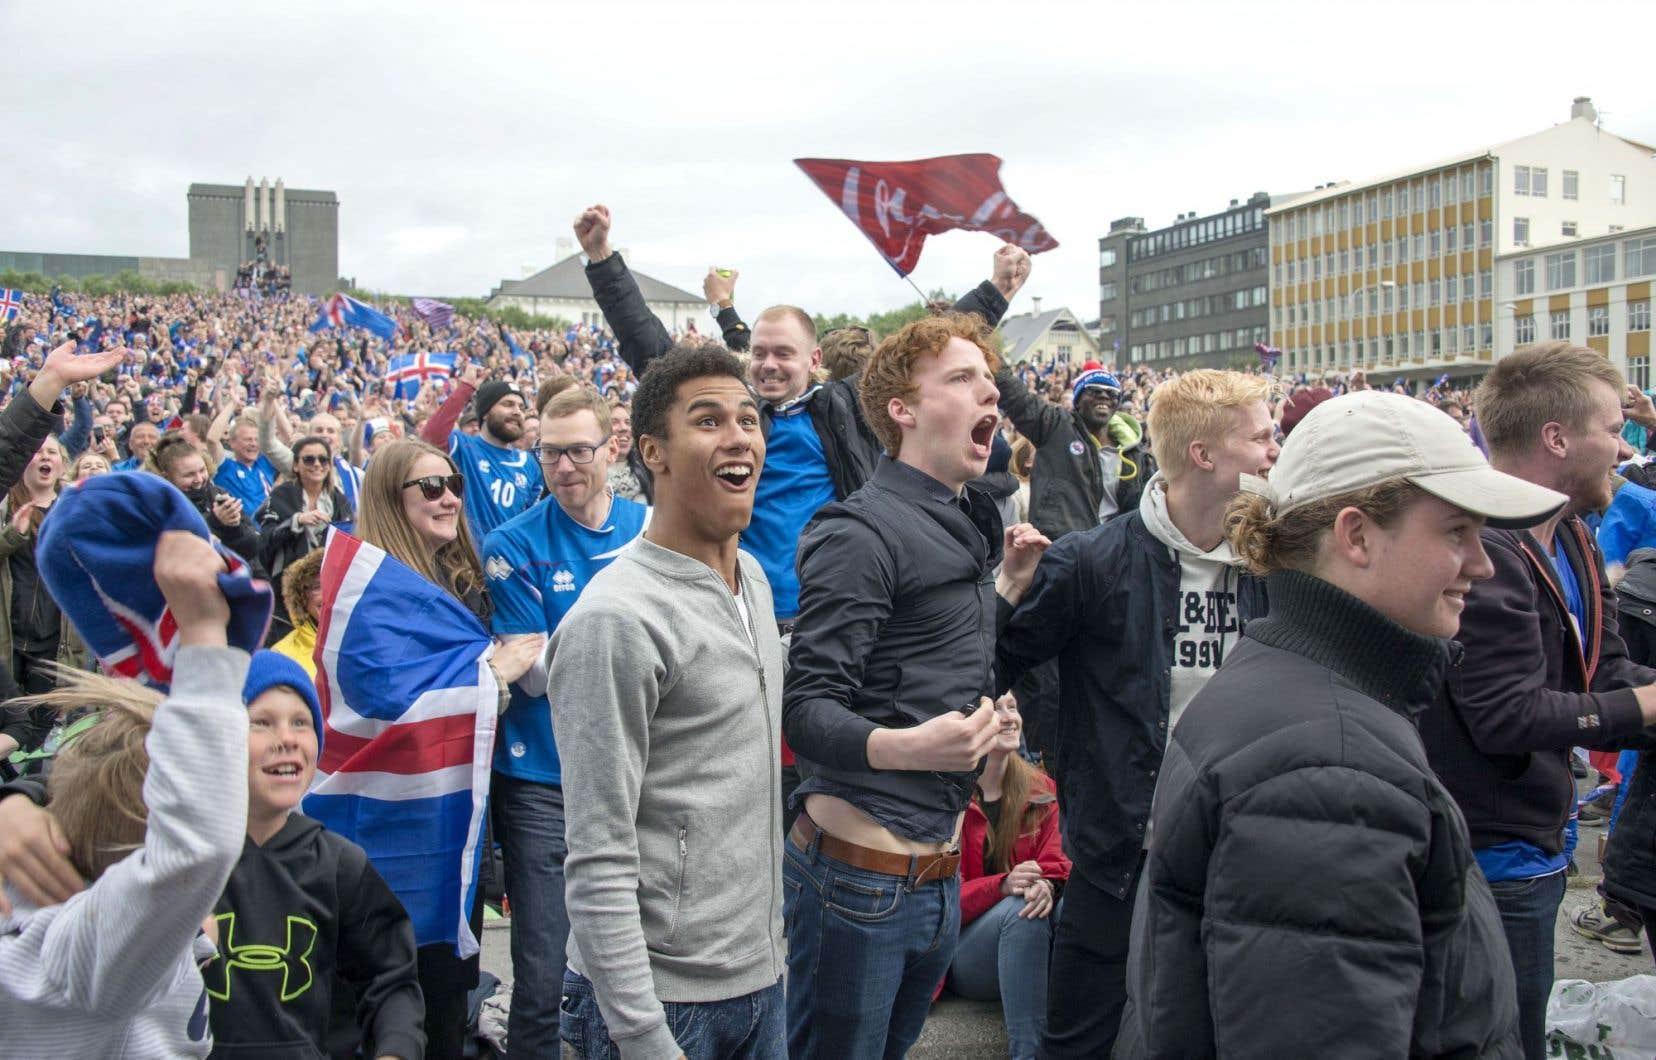 Rassemblés à Reykjavik, les Islandais n'ont pas manqué de célébrer à distance la victoire de leur équipe contre l'Angleterre.